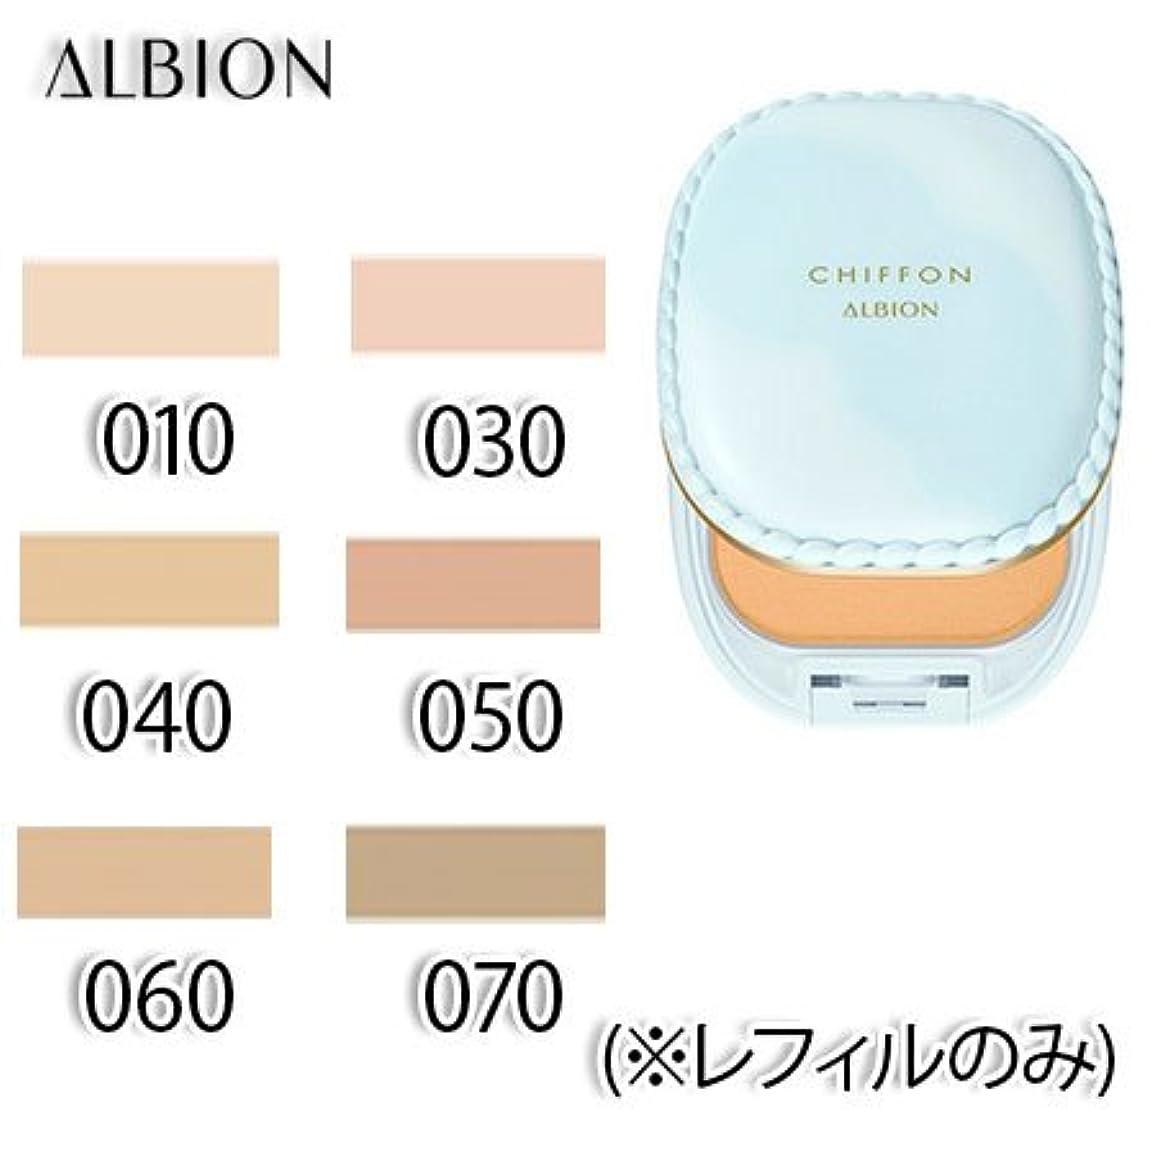 住所ランドマークサンダルアルビオン スノー ホワイト シフォン 全6色 SPF25?PA++ 10g (レフィルのみ) -ALBION- 030